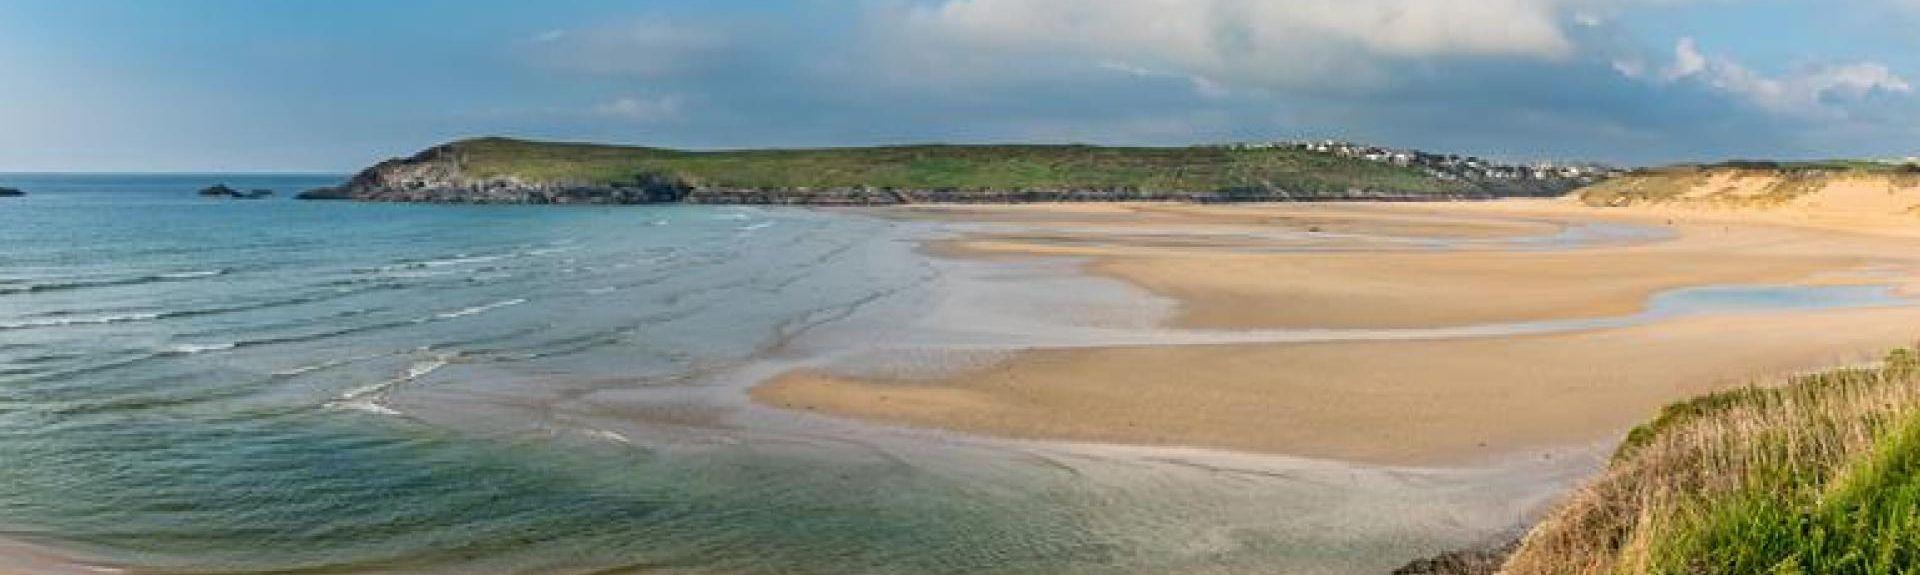 South Cornish Coast, England, UK